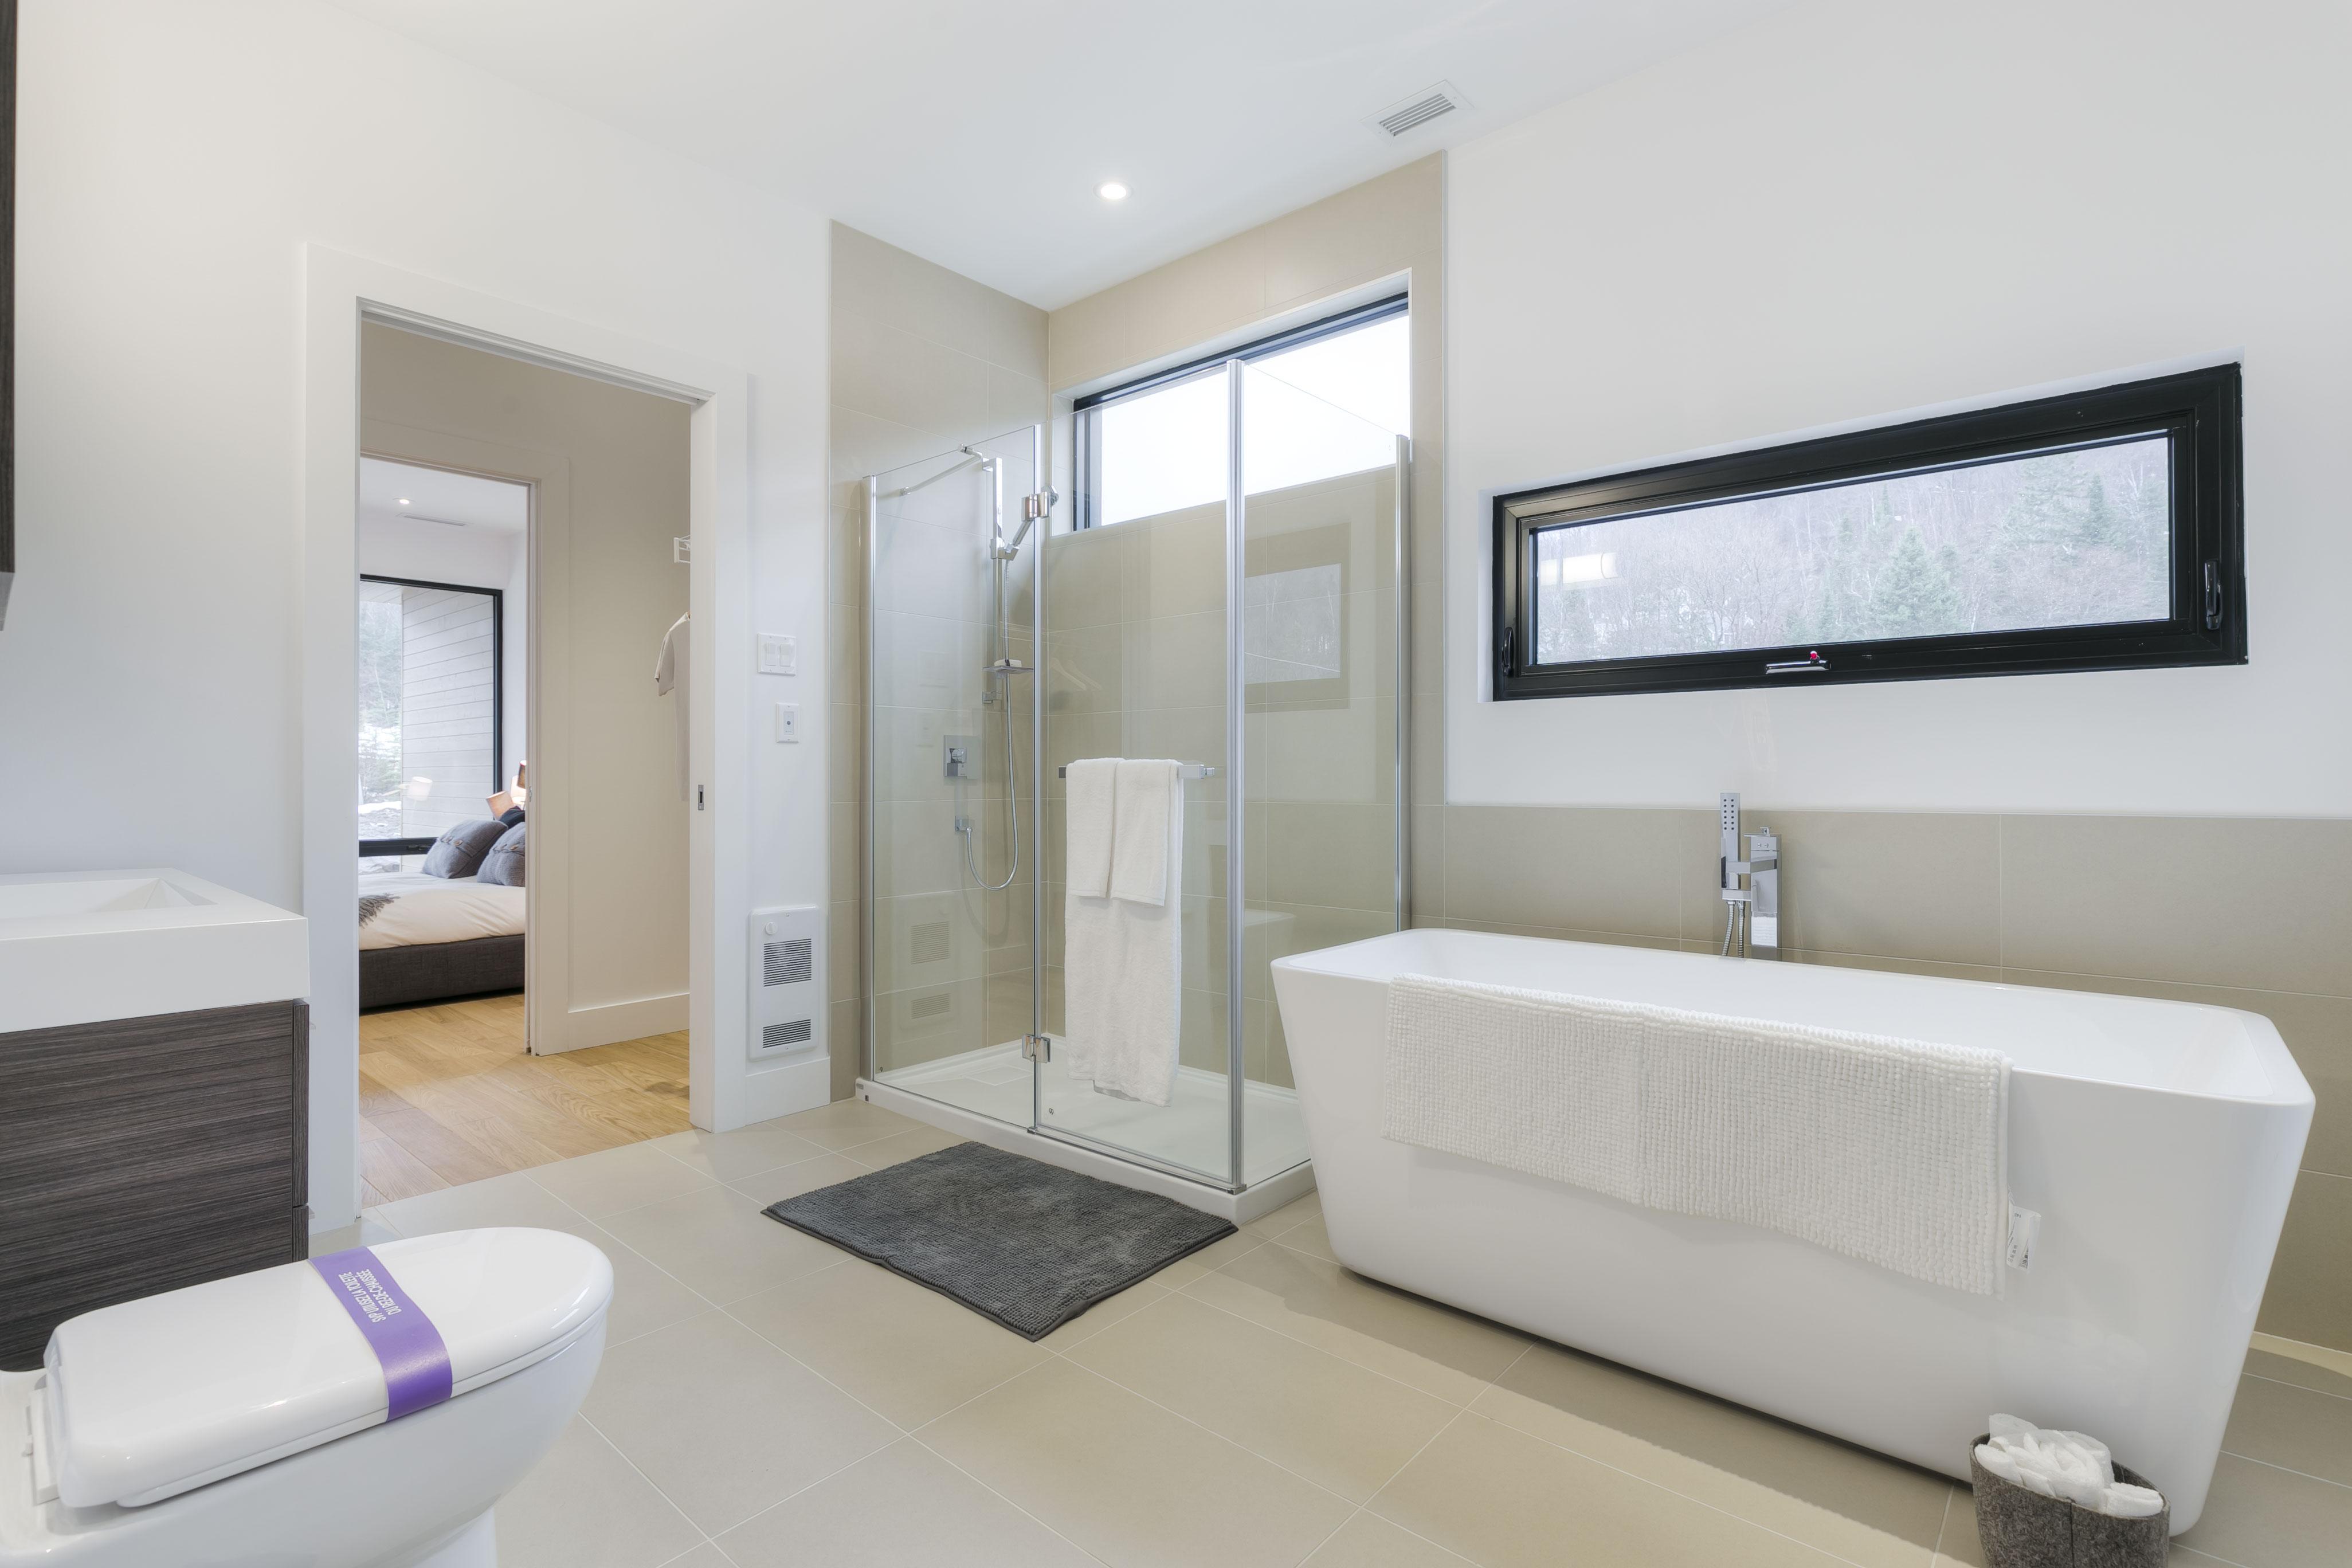 104-salle-de-bain